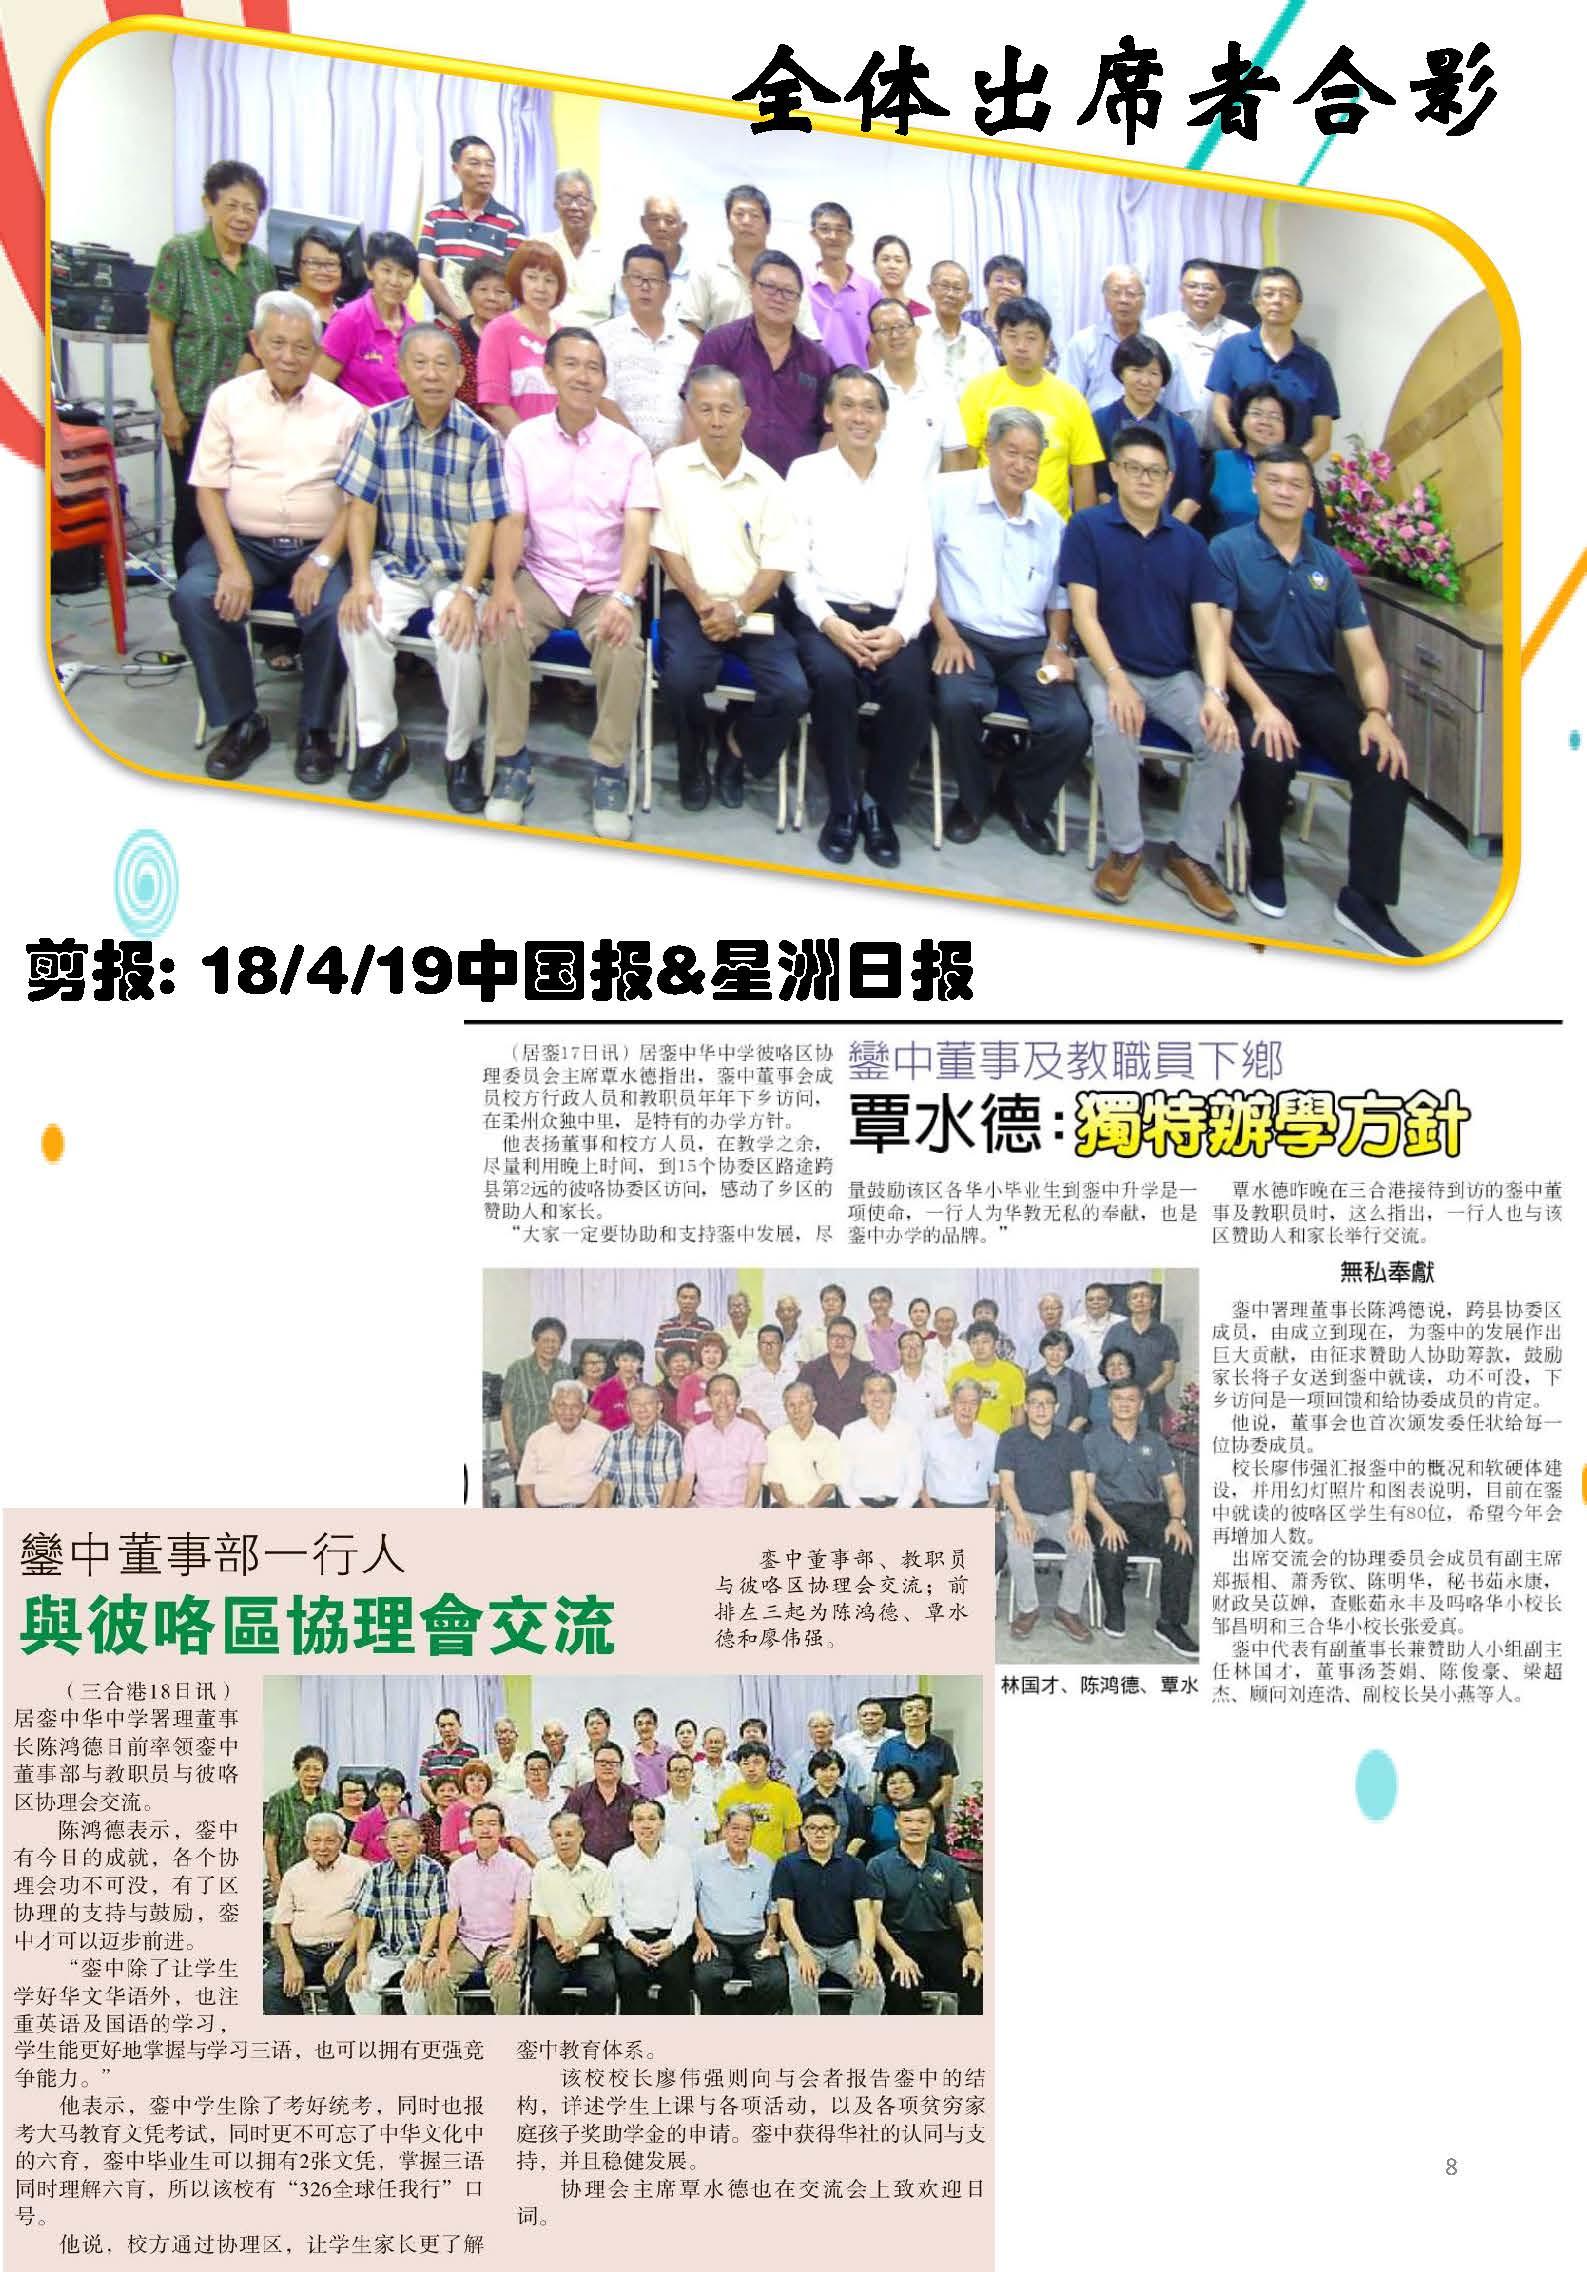 16-4-2019彼咯活动录.pptx_Page_8